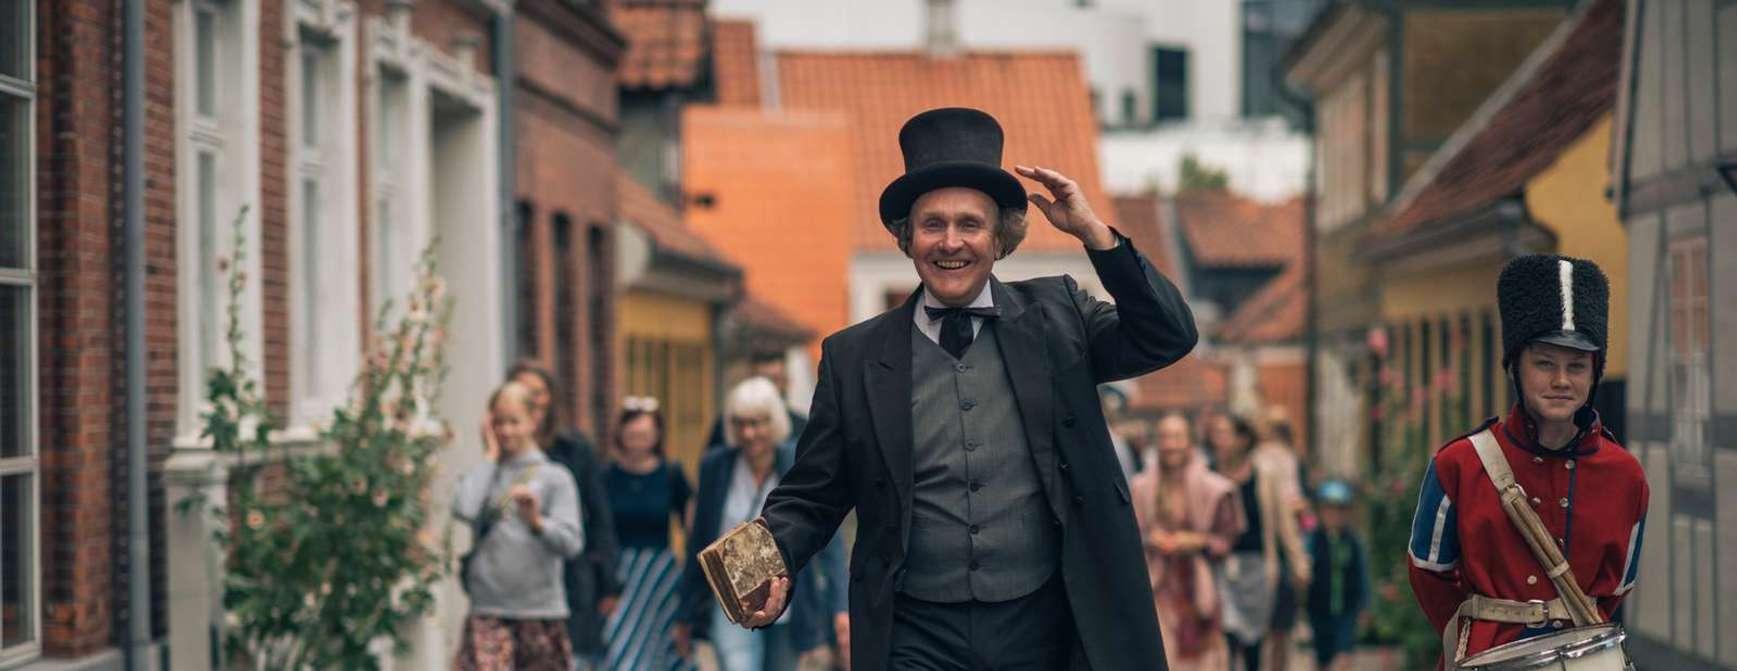 H.C. Andersen er meget sentral i Odense, snart 150 år etter sin død. Foto: Visit Odense